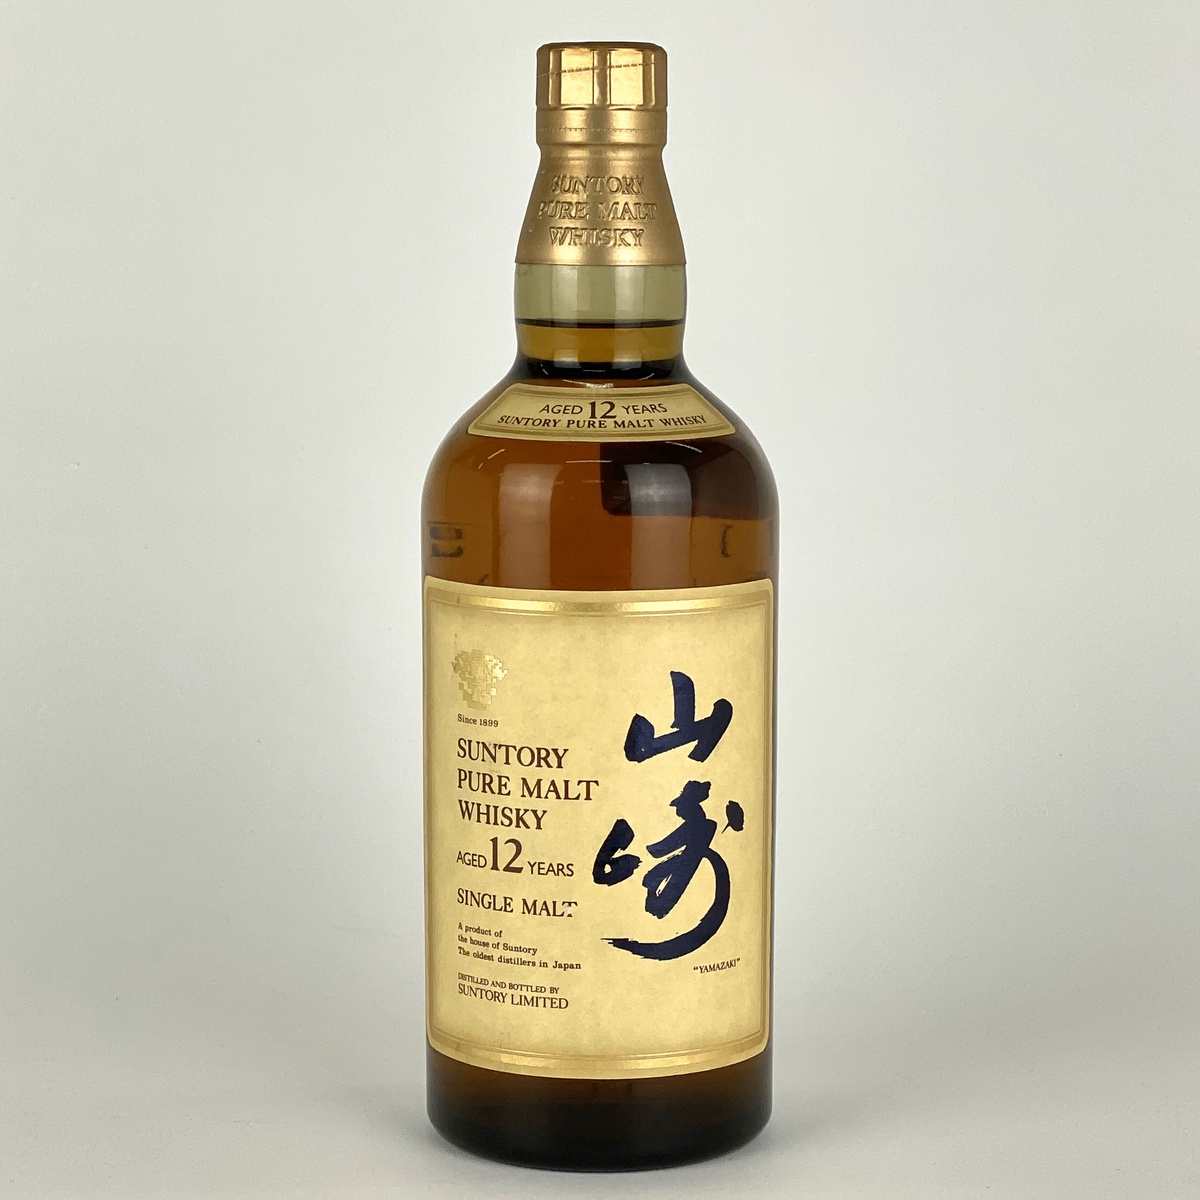 【東京都内限定】サントリー SUNTORY 山崎 12年 ピュアモルト 750ml 国産ウイスキー 【古酒】